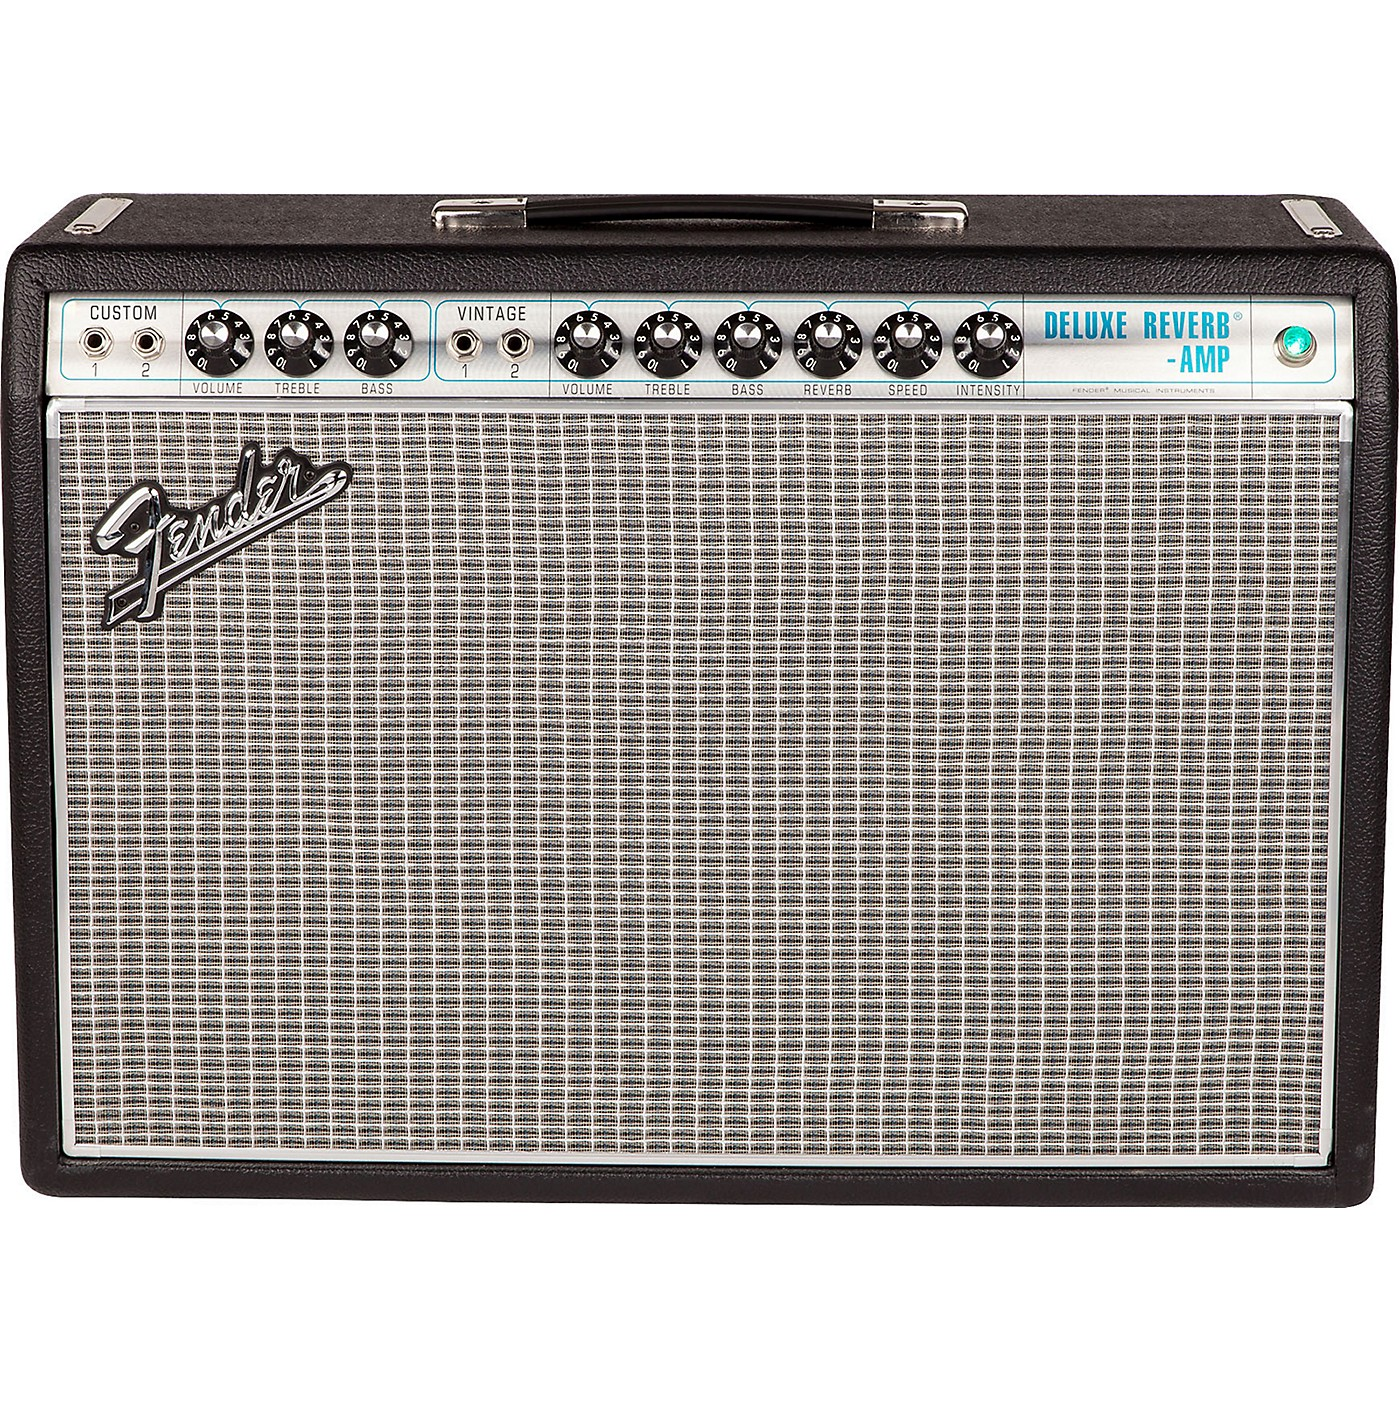 Fender '68 Custom Deluxe Reverb 22W 1x12 Tube Guitar Combo Amp with Celestion G12V-70 Speaker thumbnail